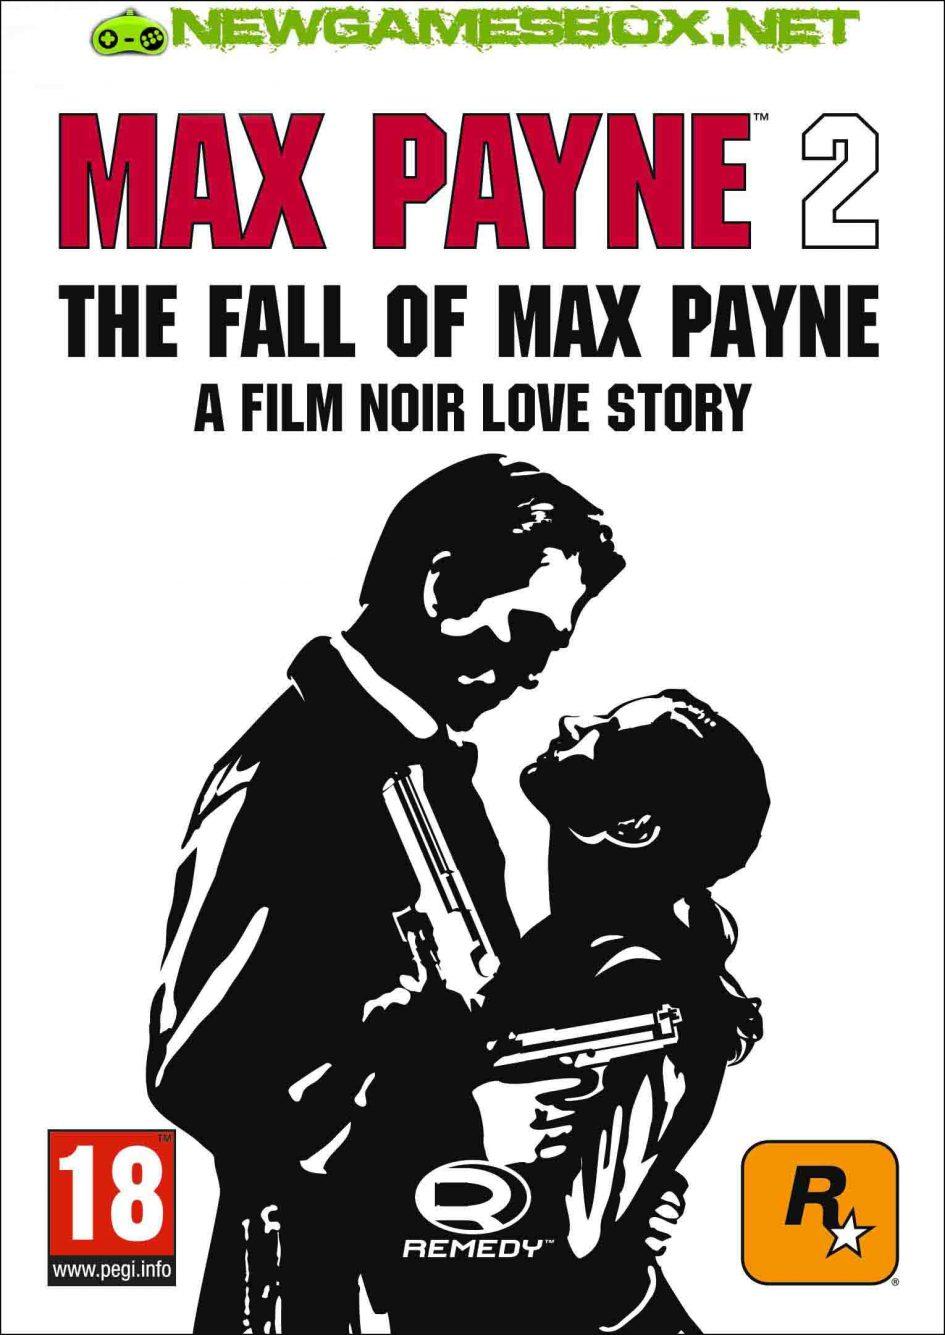 Max payne 2 free download pc game.